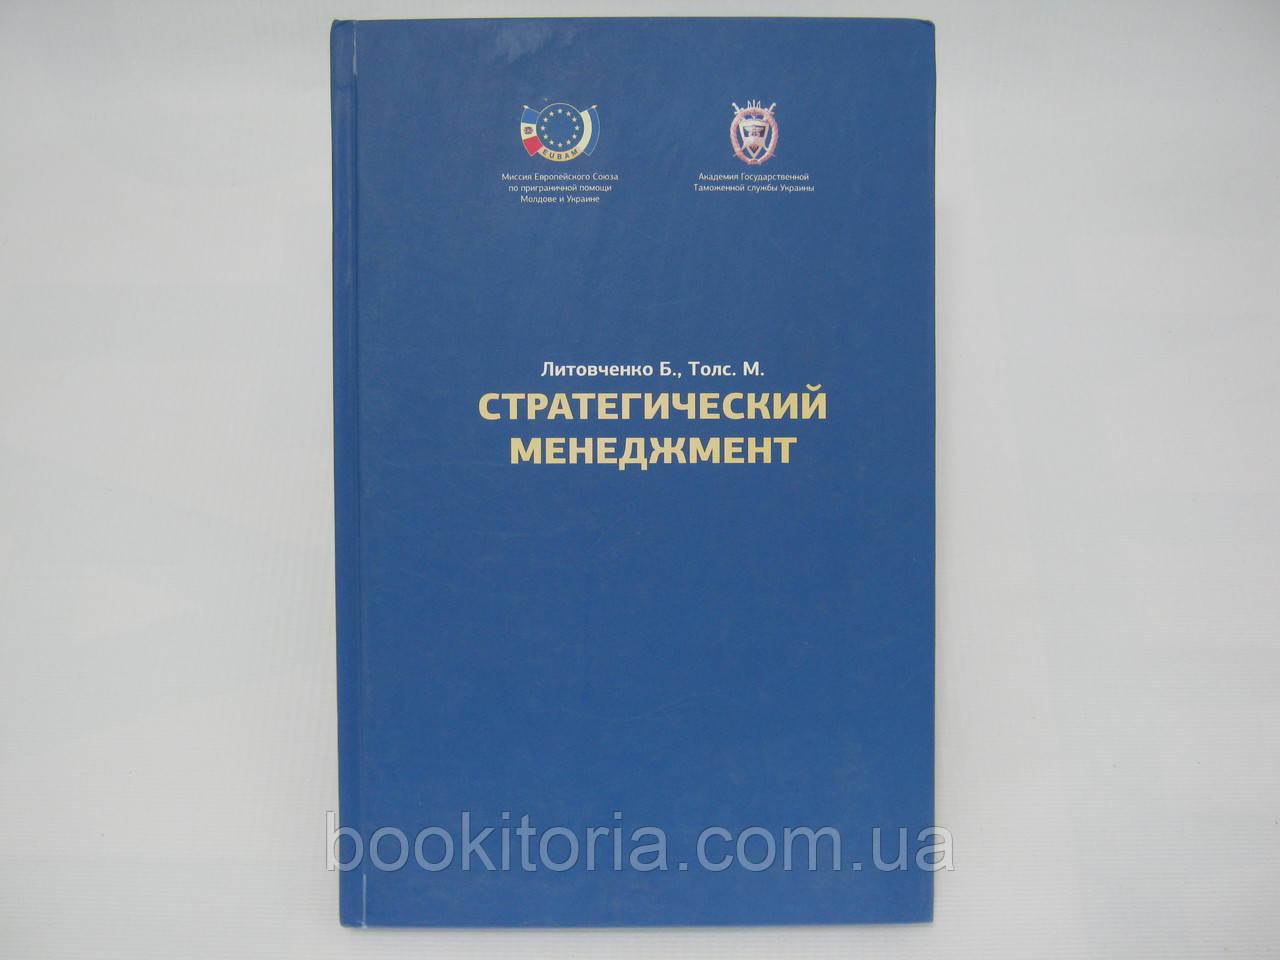 Литовченко Б., Толс М. Стратегический менеджмент (б/у).